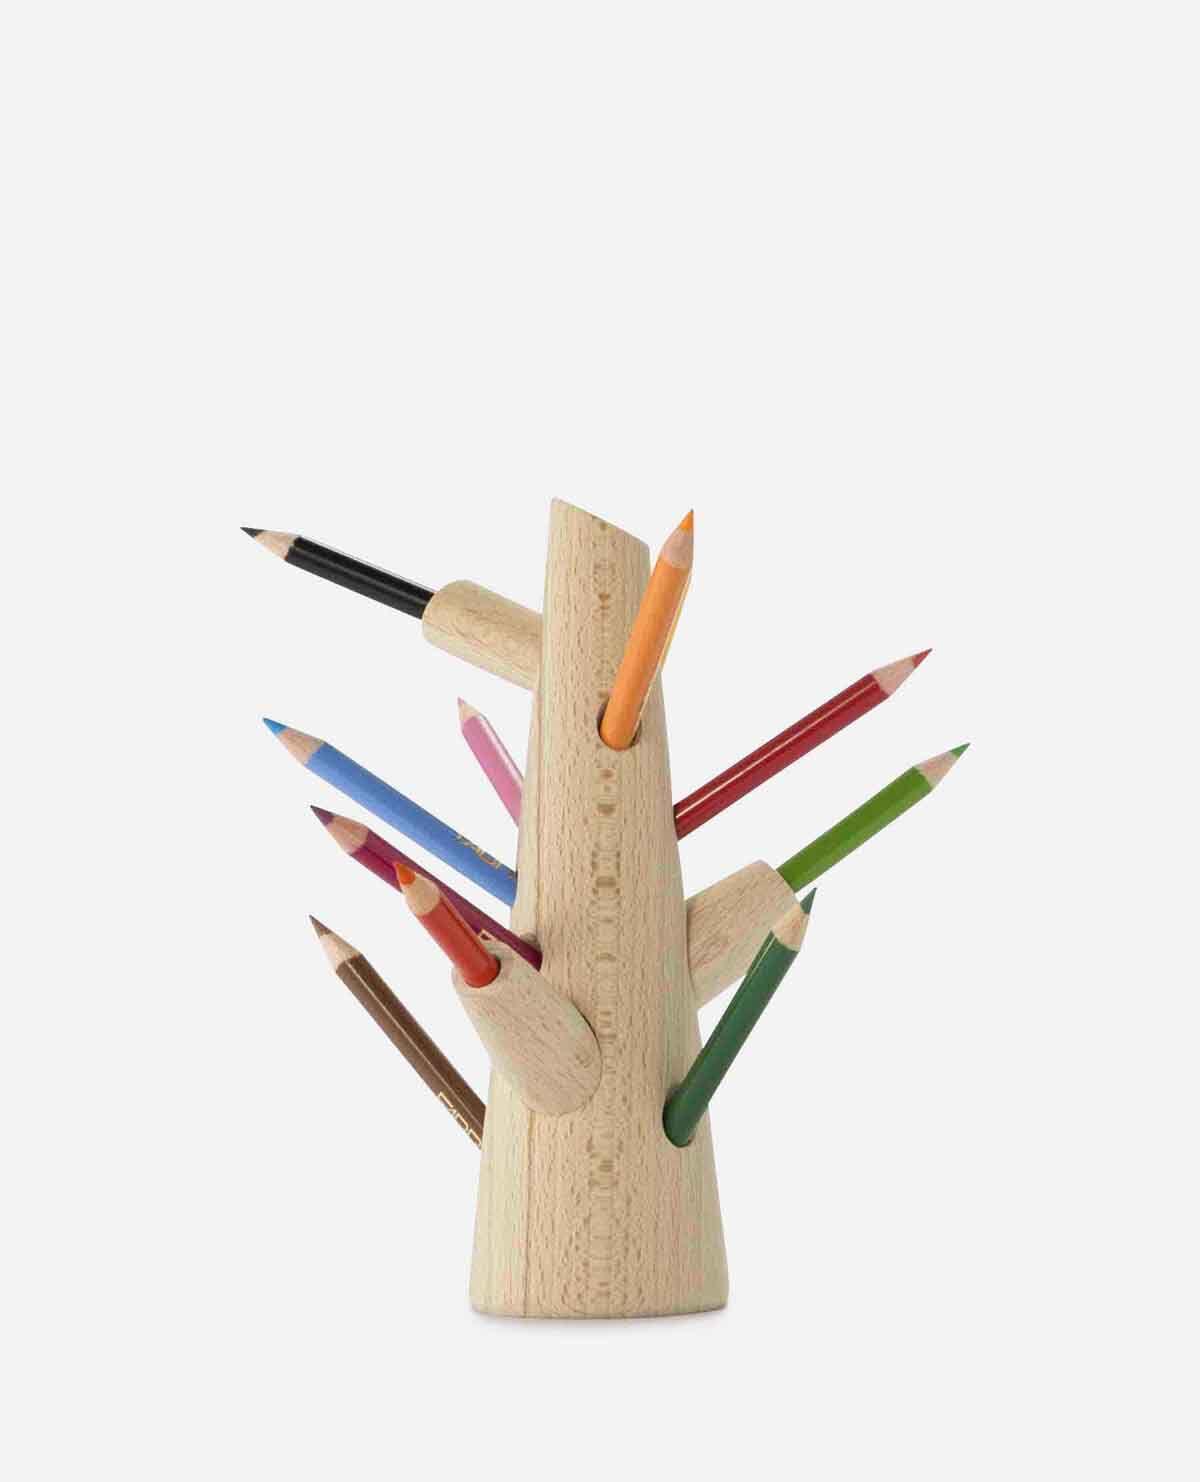 ペンシル ツリー 色鉛筆 たて